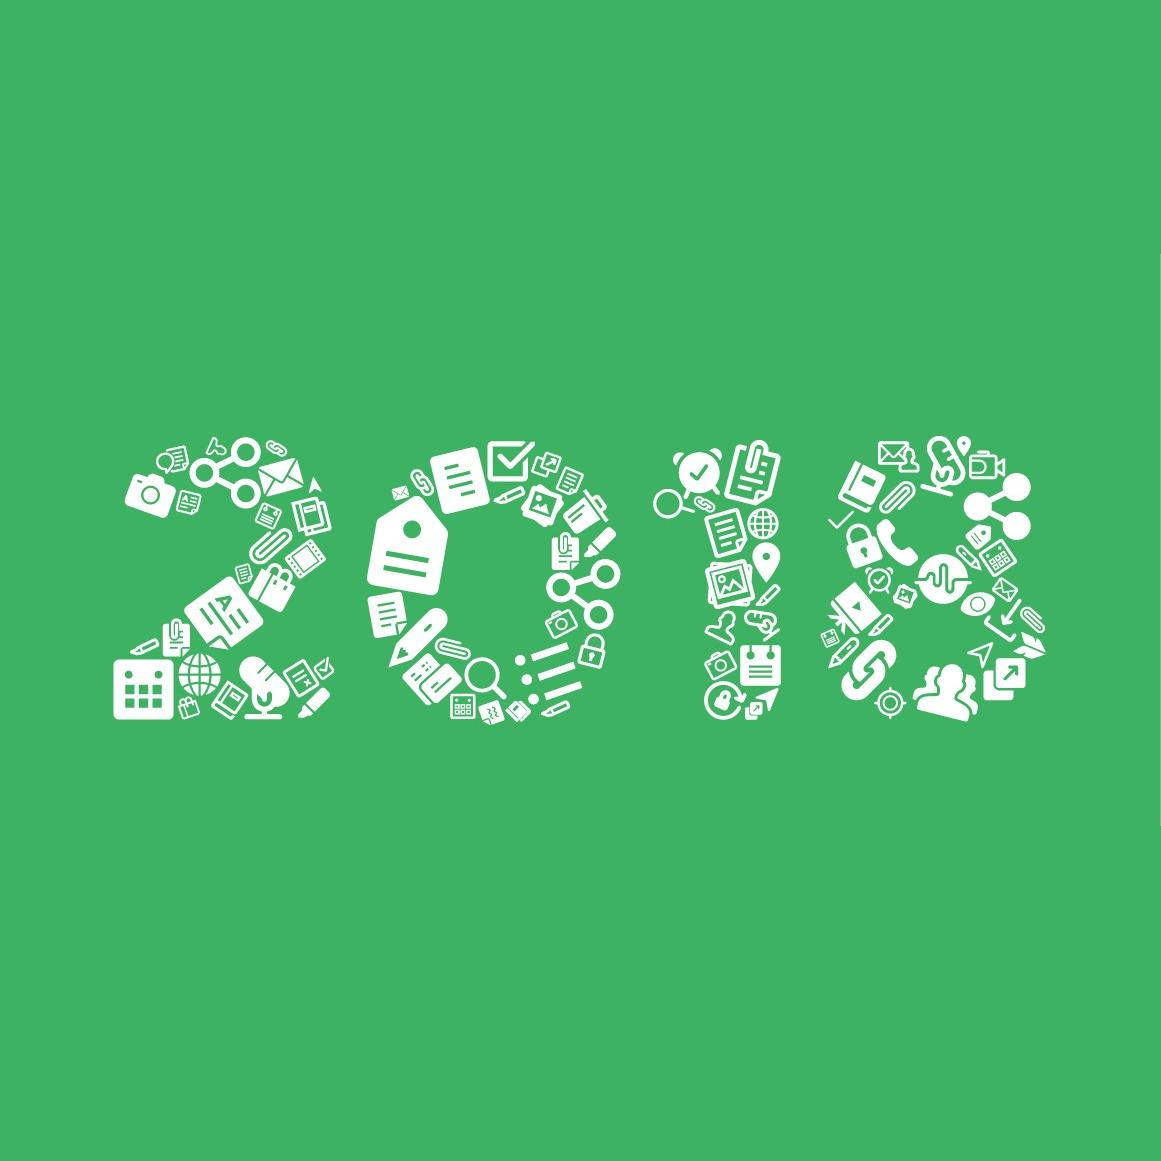 2018年をツールアイコンで作成した図